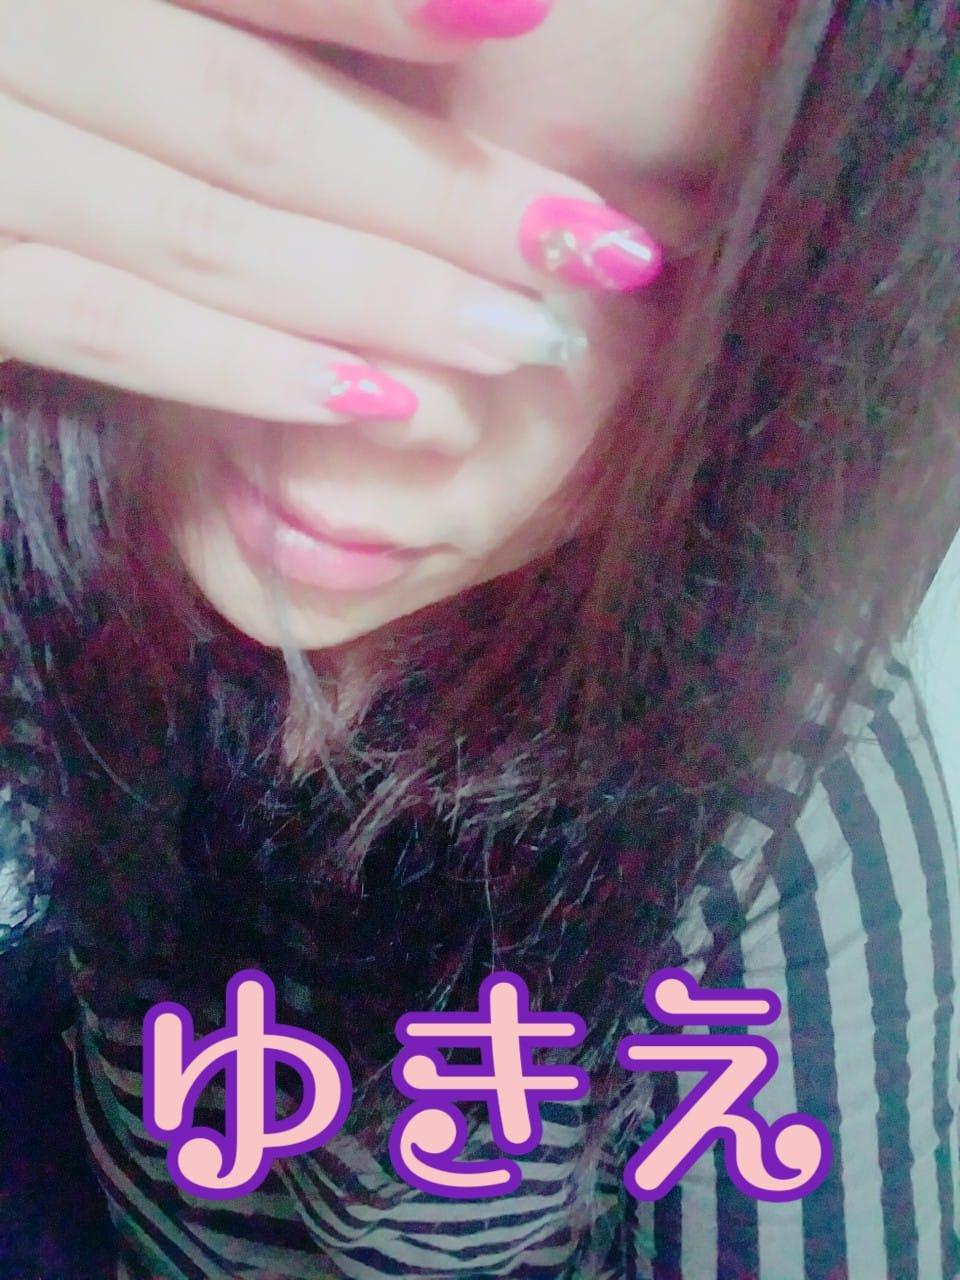 「ありがとう♪」12/13(水) 02:29 | ゆきえの写メ・風俗動画